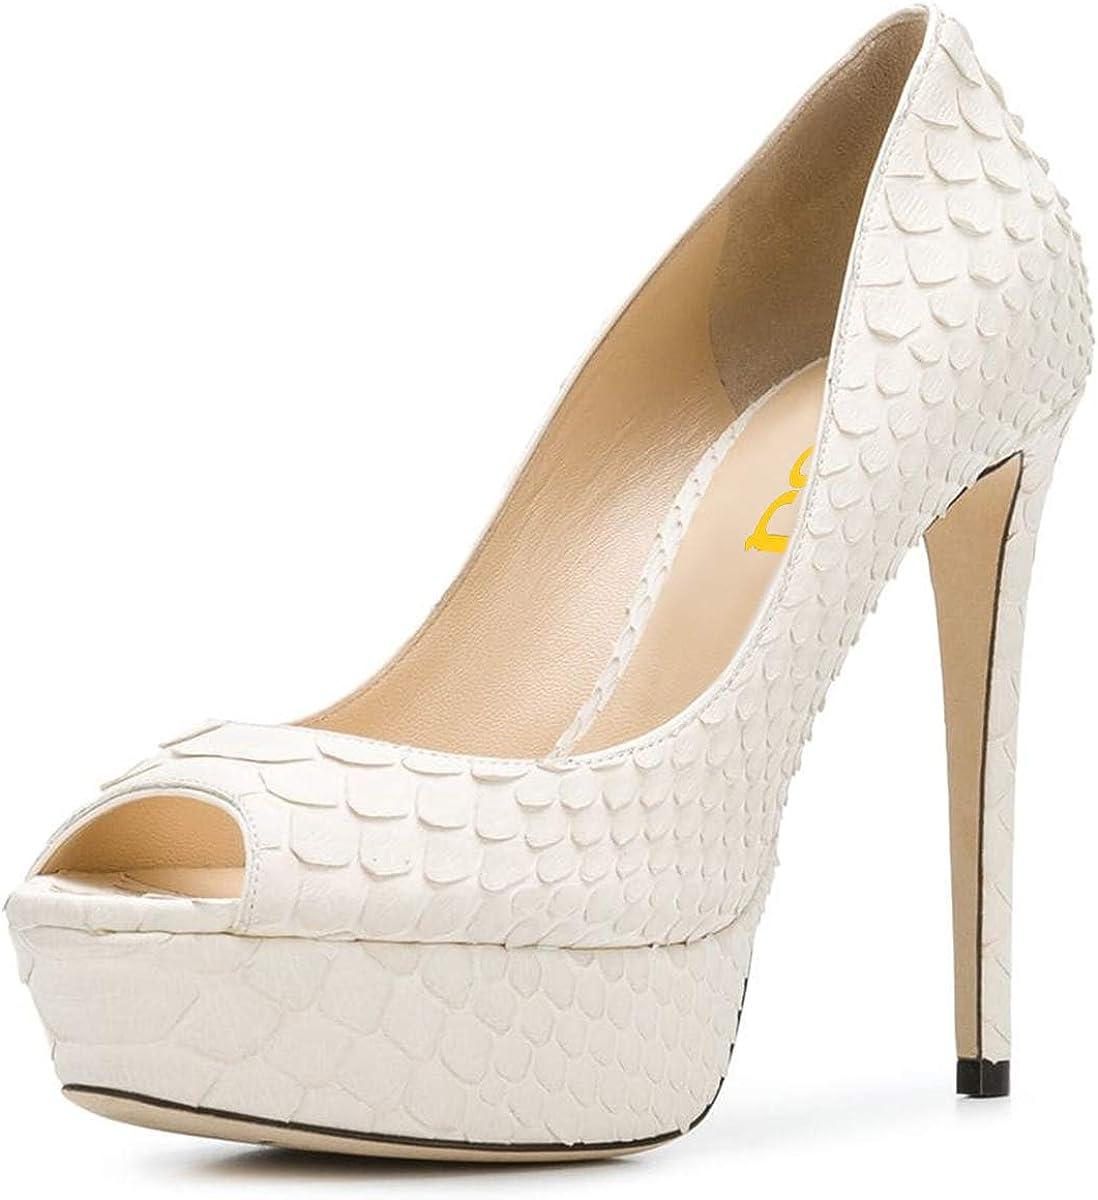 FSJ Women Sexy Peep Toe Platform Pumps 4 years warranty Shoes latest High Formal f Heels